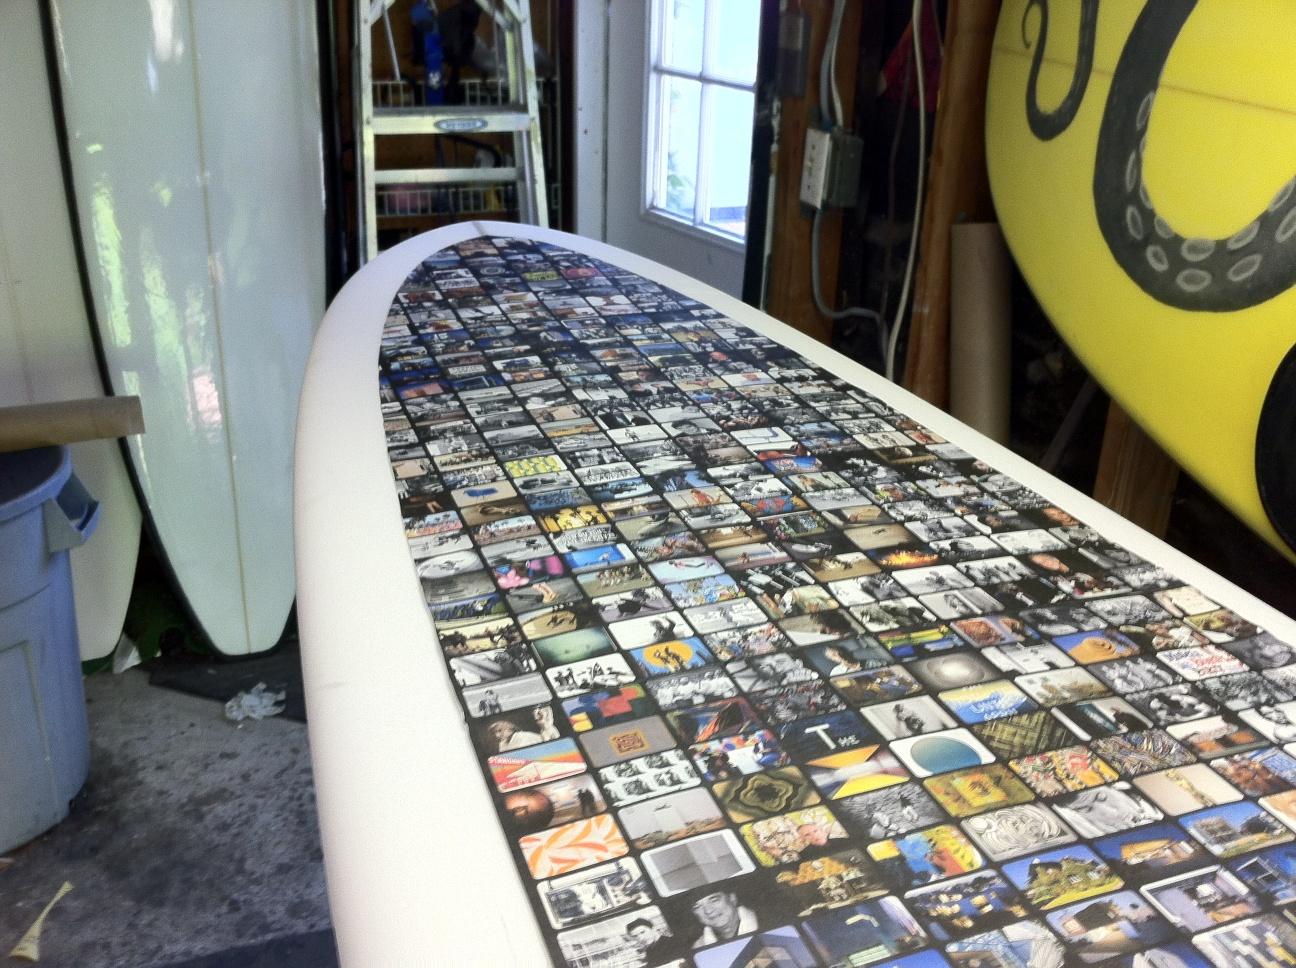 Carson_LEH_Surfboard  379.jpg